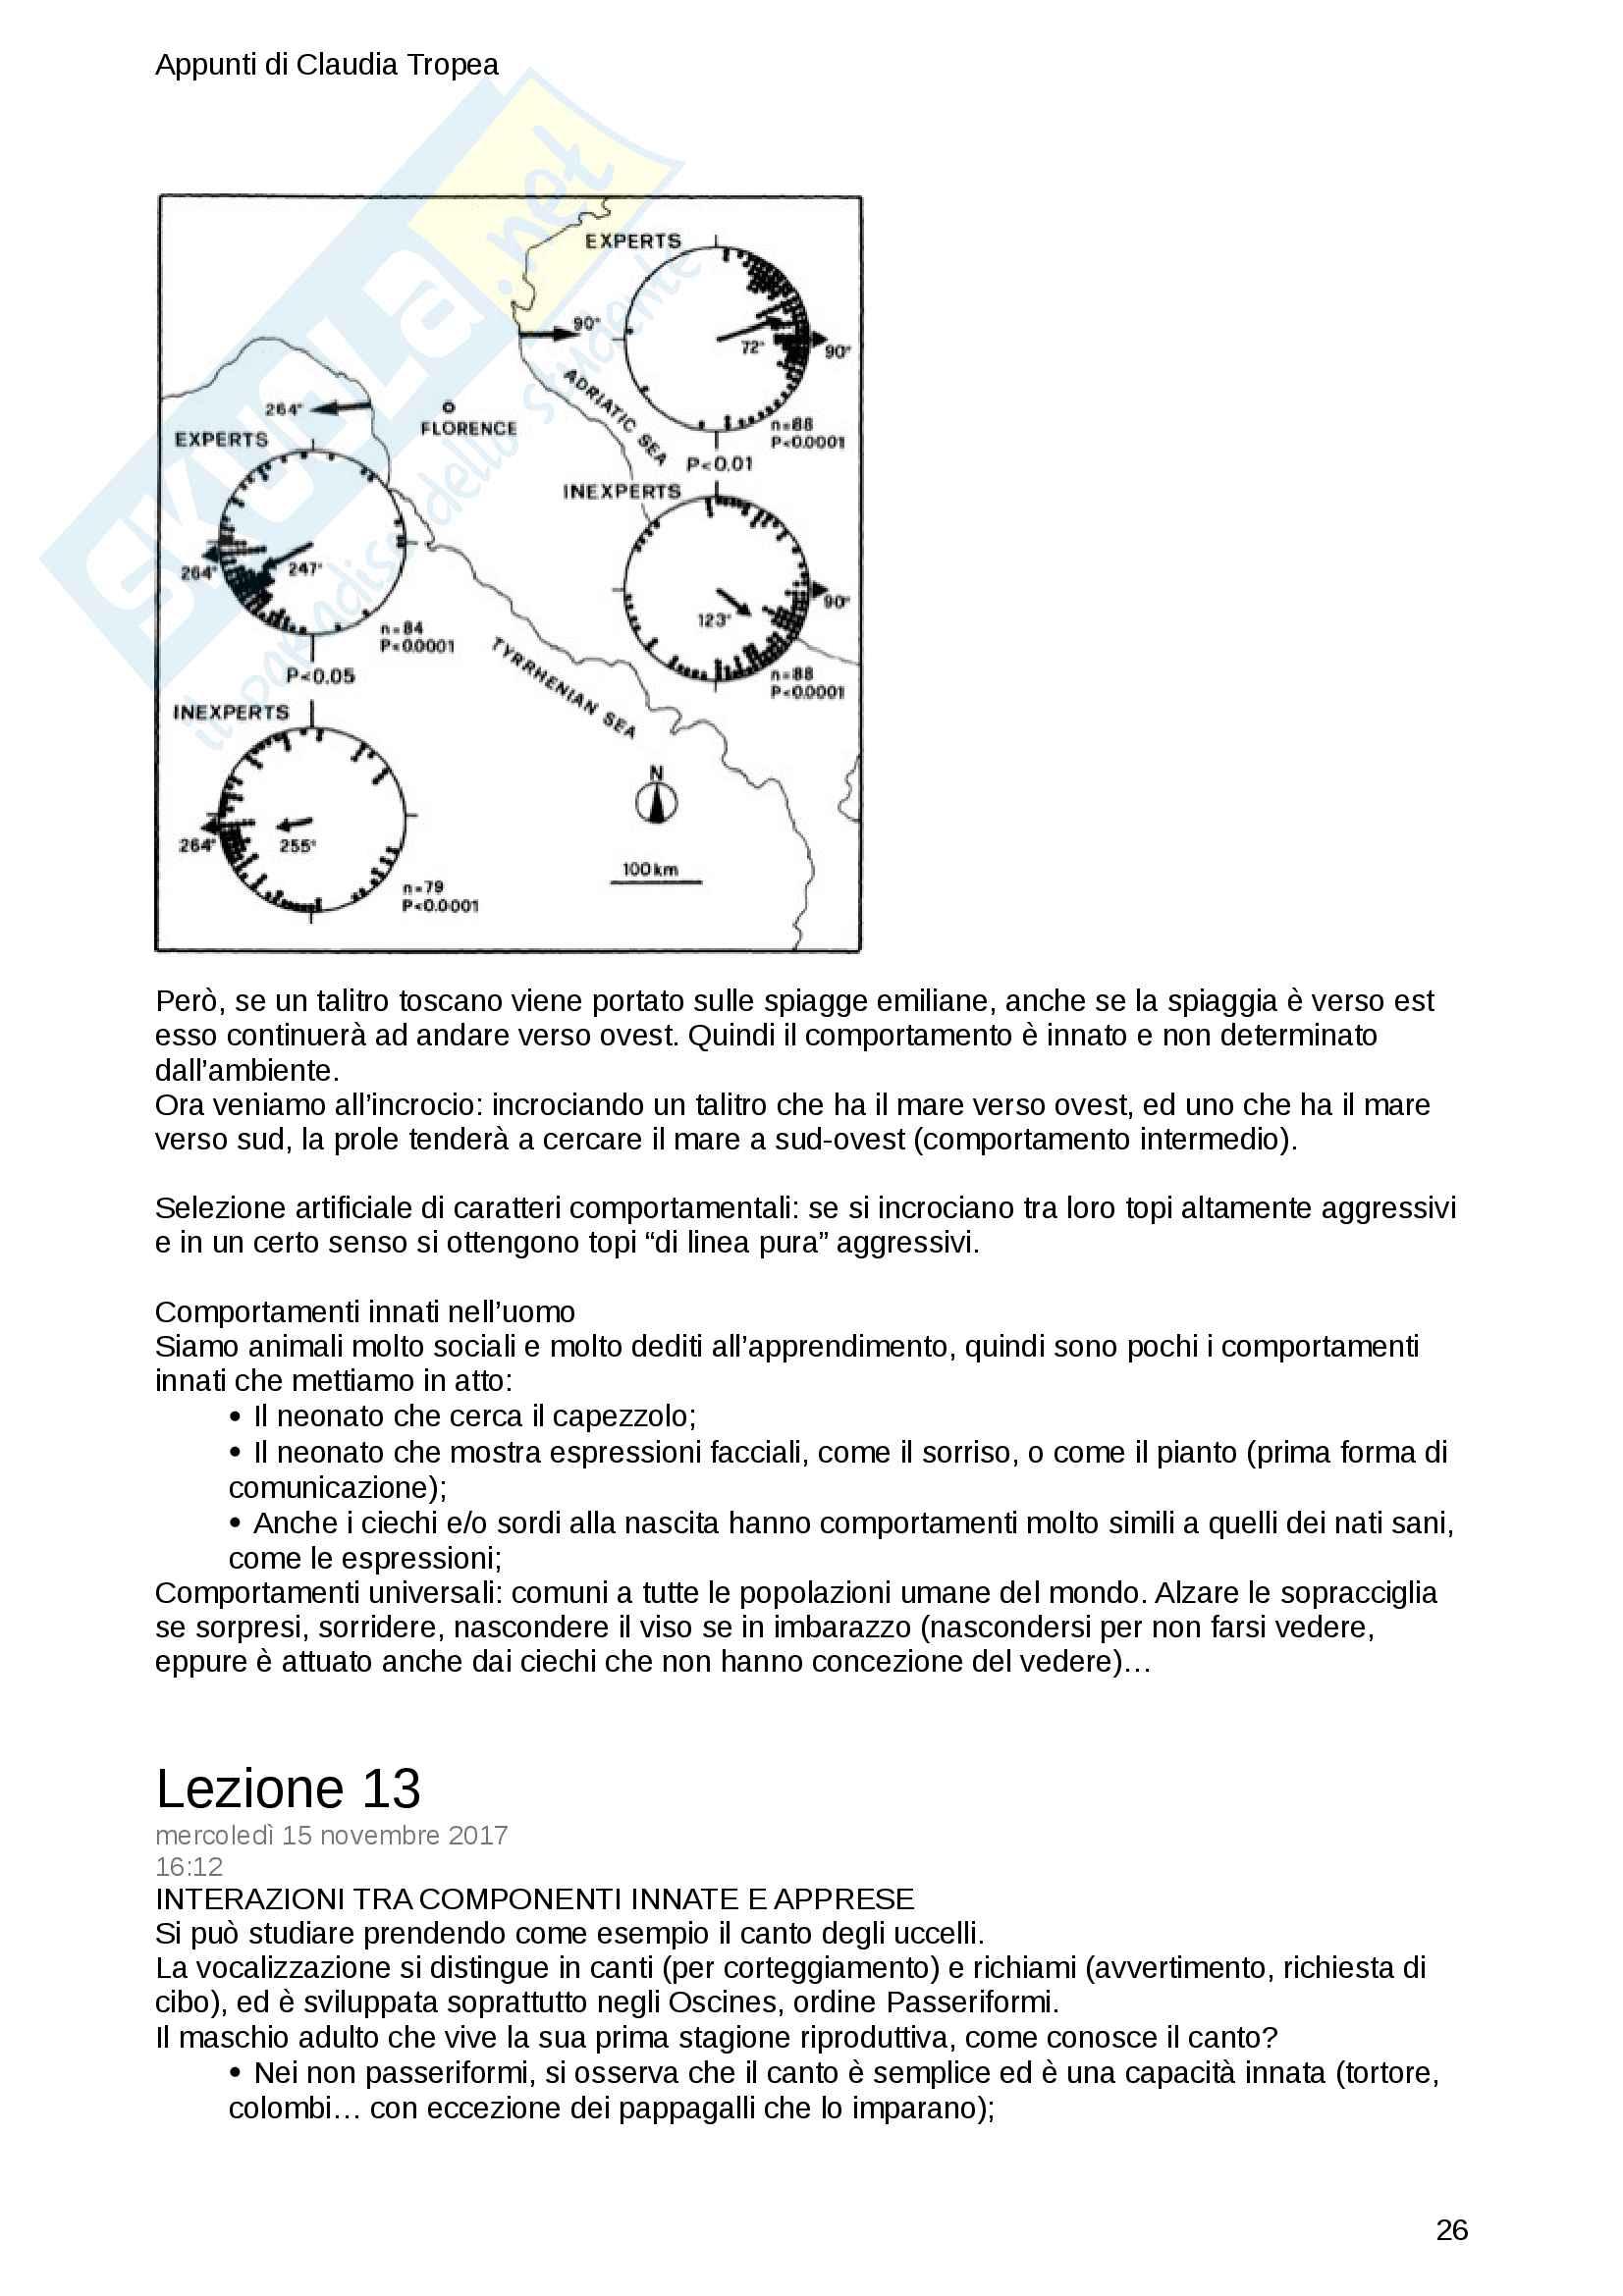 Appunti di Etologia - prof. Luschi Pag. 26